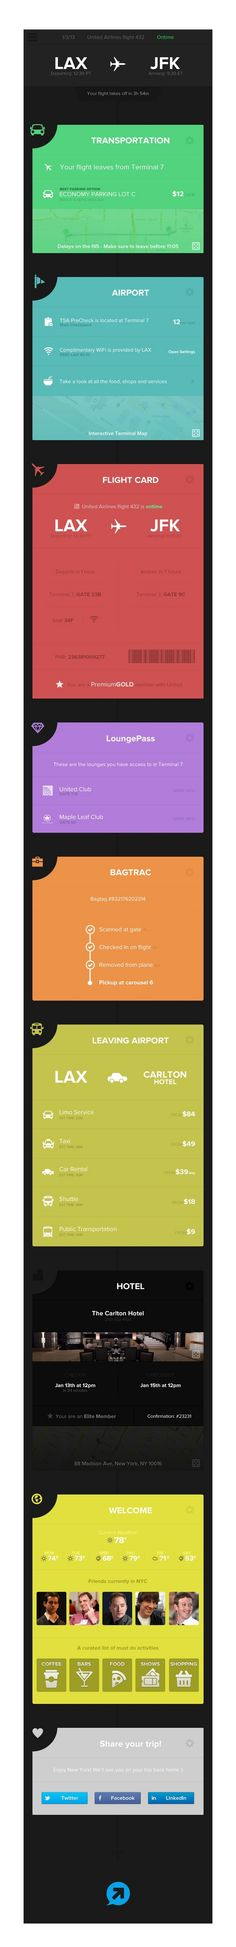 Flight application interface design flat flat design ...